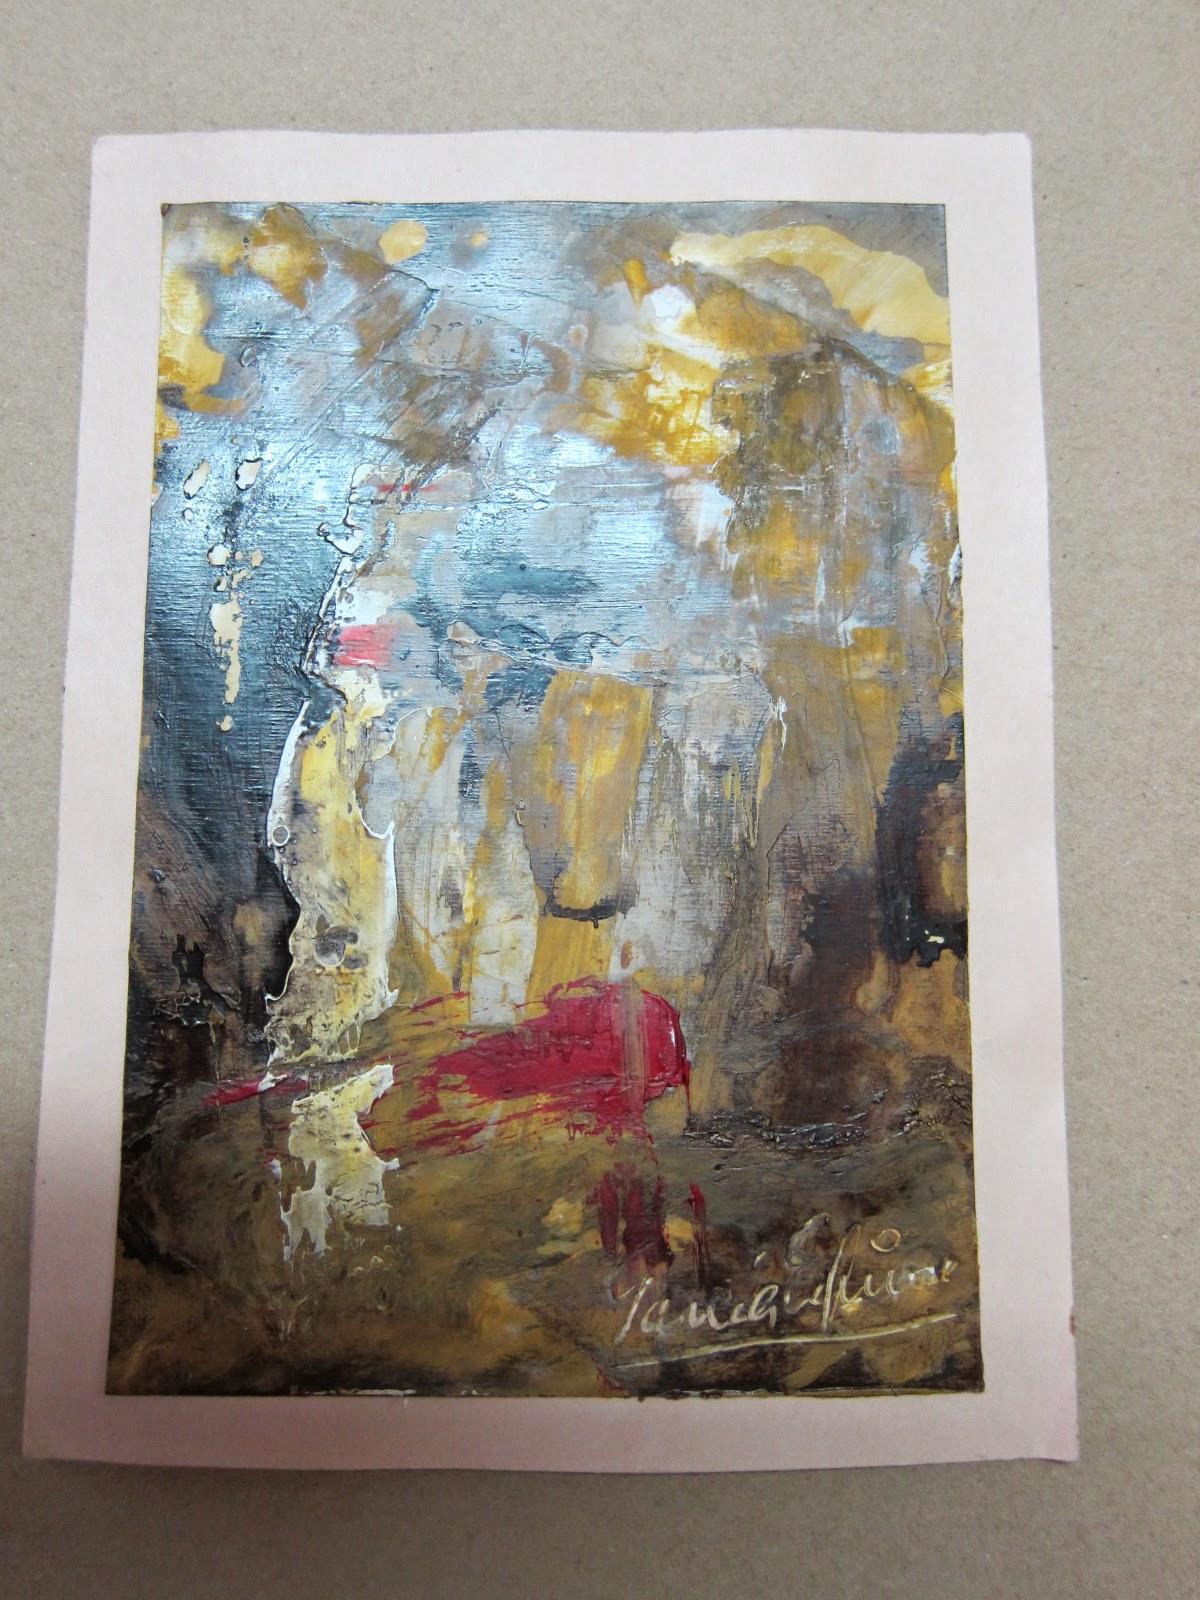 Galeria arte cuadros oleos cuadros abstractos - Fotos cuadros abstractos ...